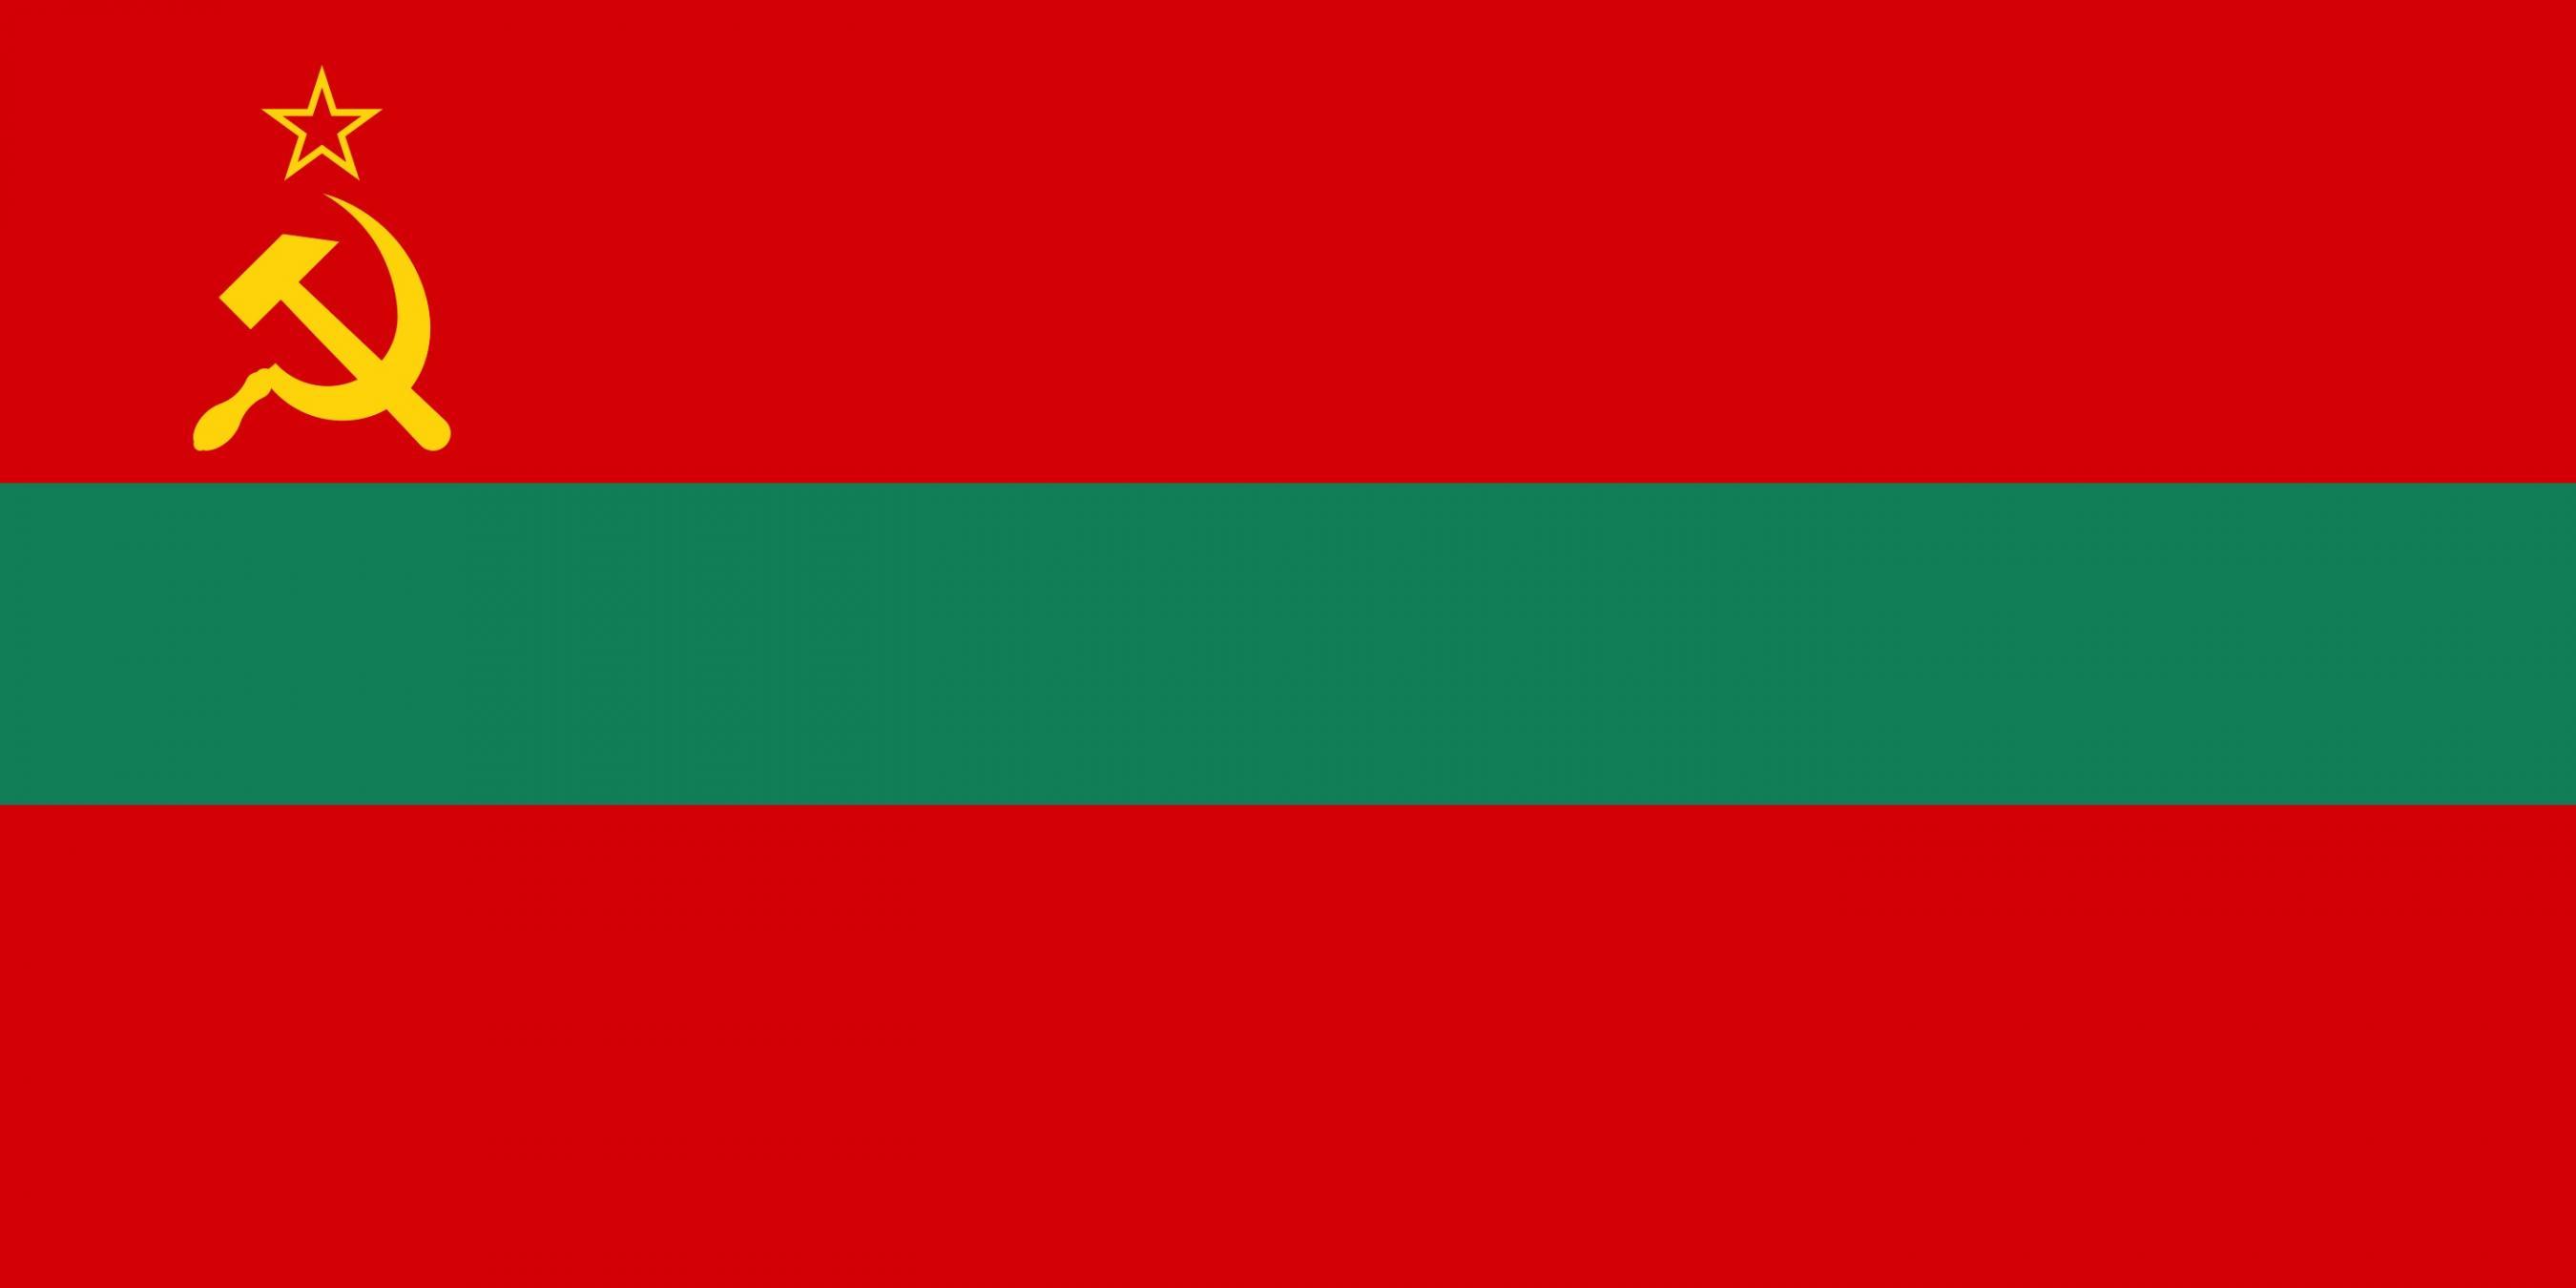 «Рыба в небе летит! Да ещё и ср**!» Артемий Лебедев сделал логотип для Приднестровья, но всех огорчил